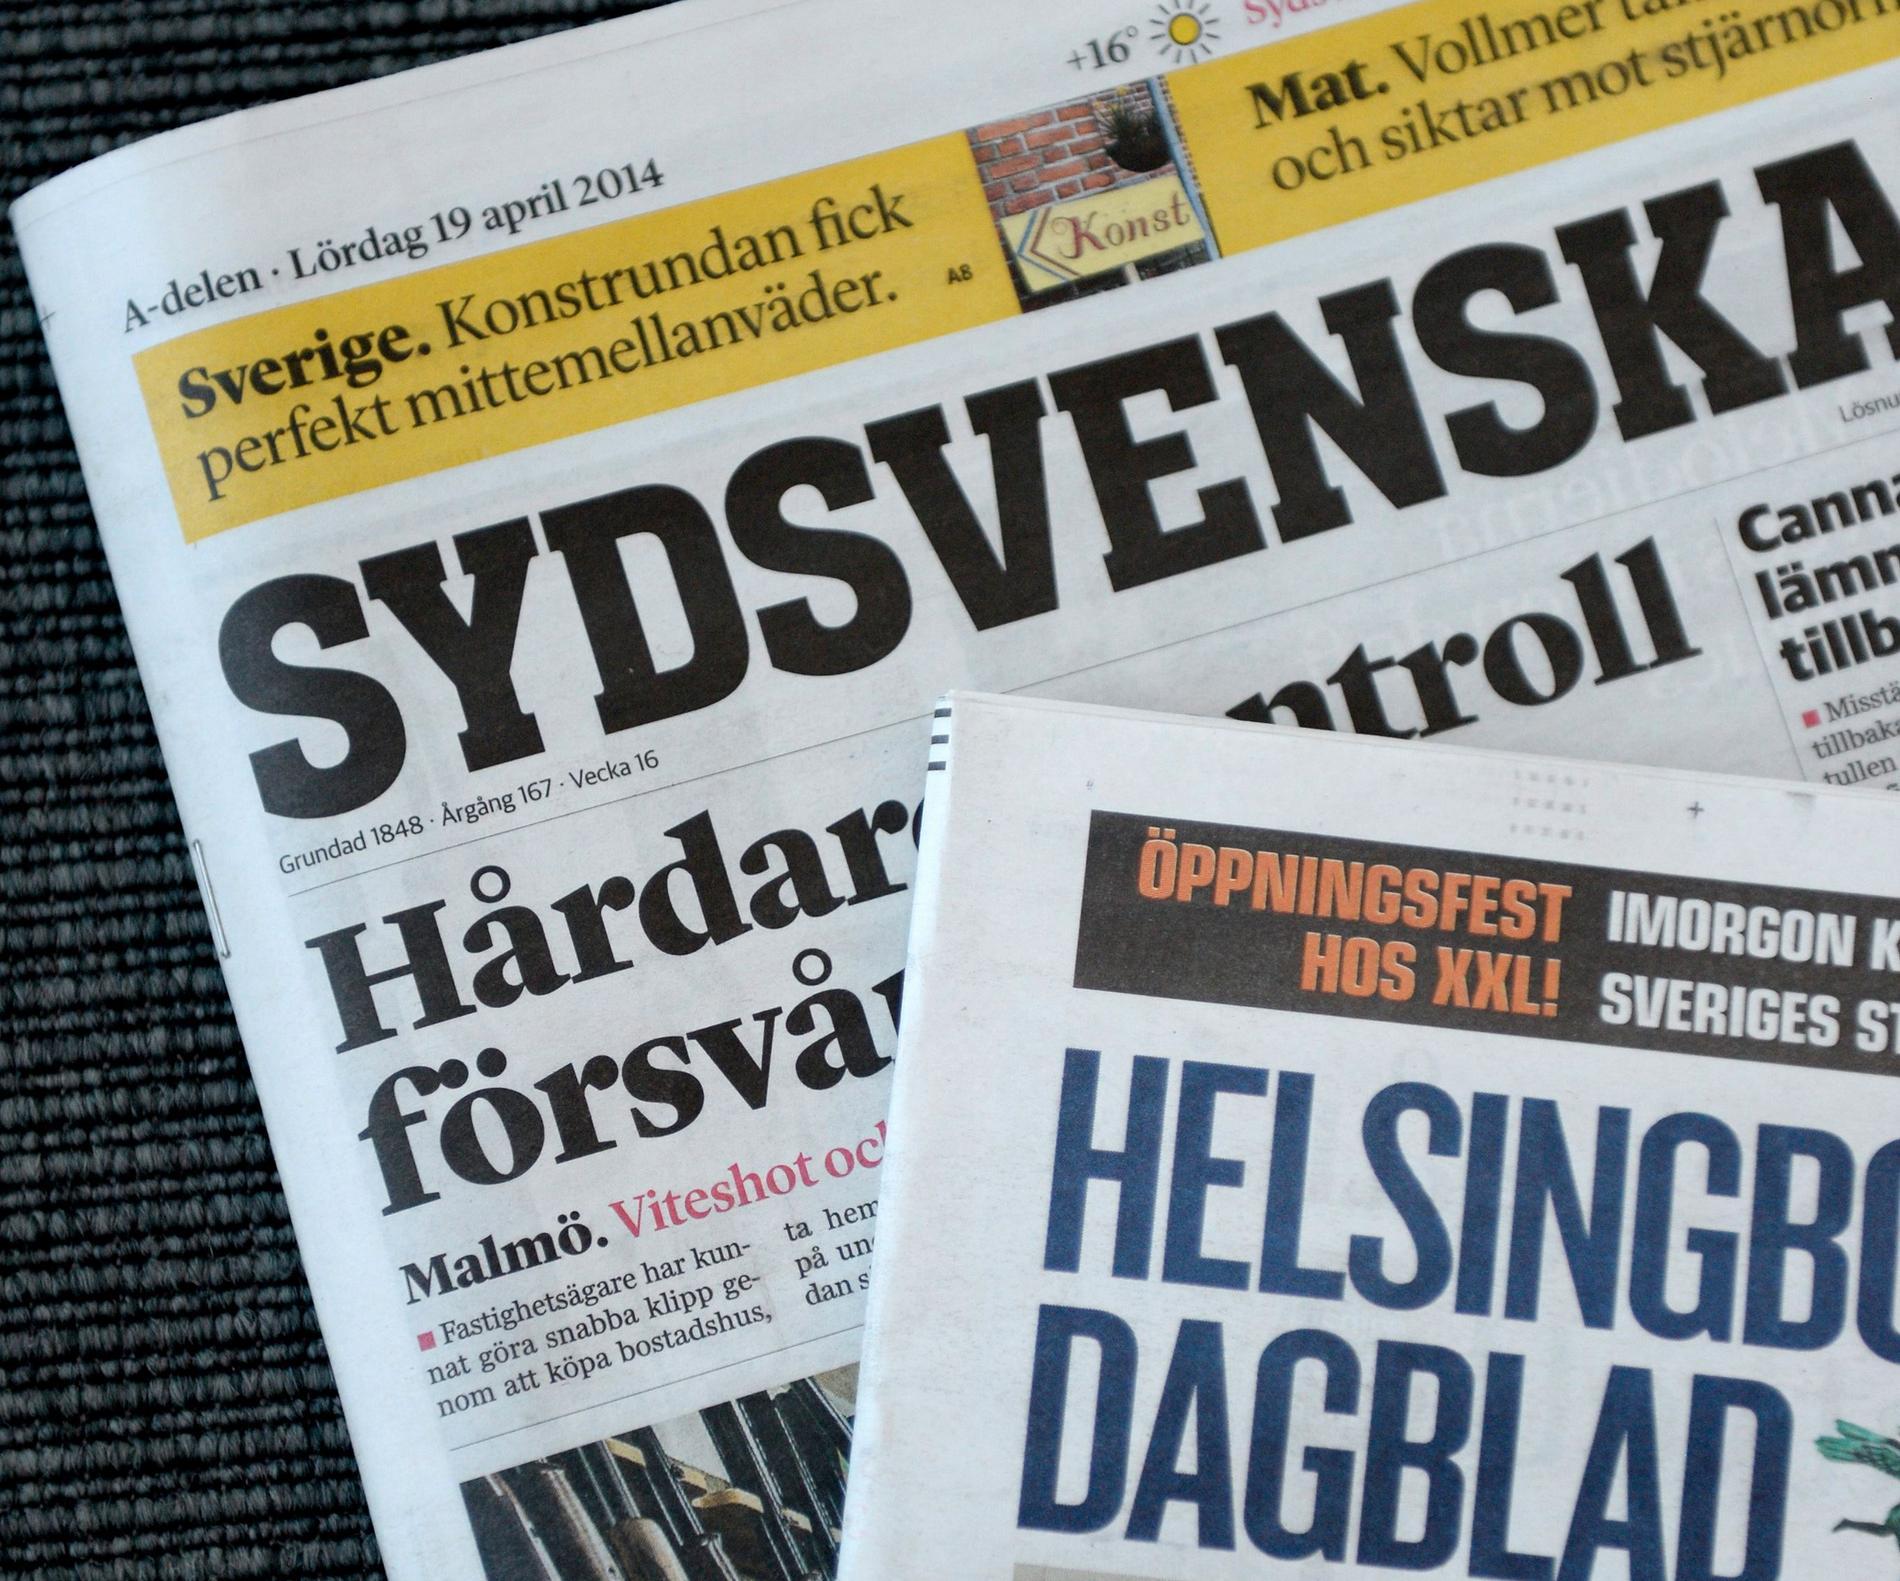 Skämtet publicerades både på Sydsvenskan och Helsingborgs Dagblad.